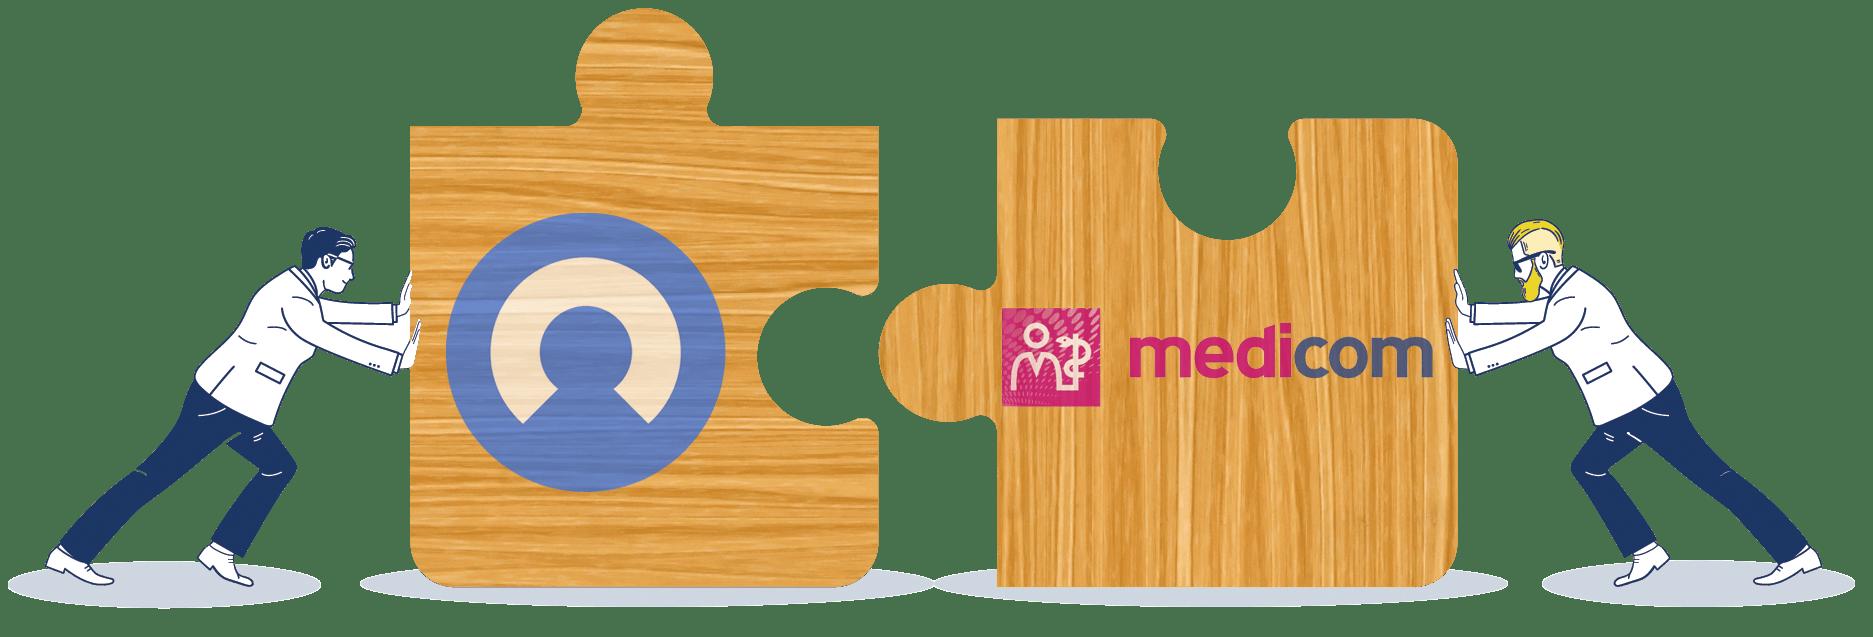 Medicom + slimme telefonie